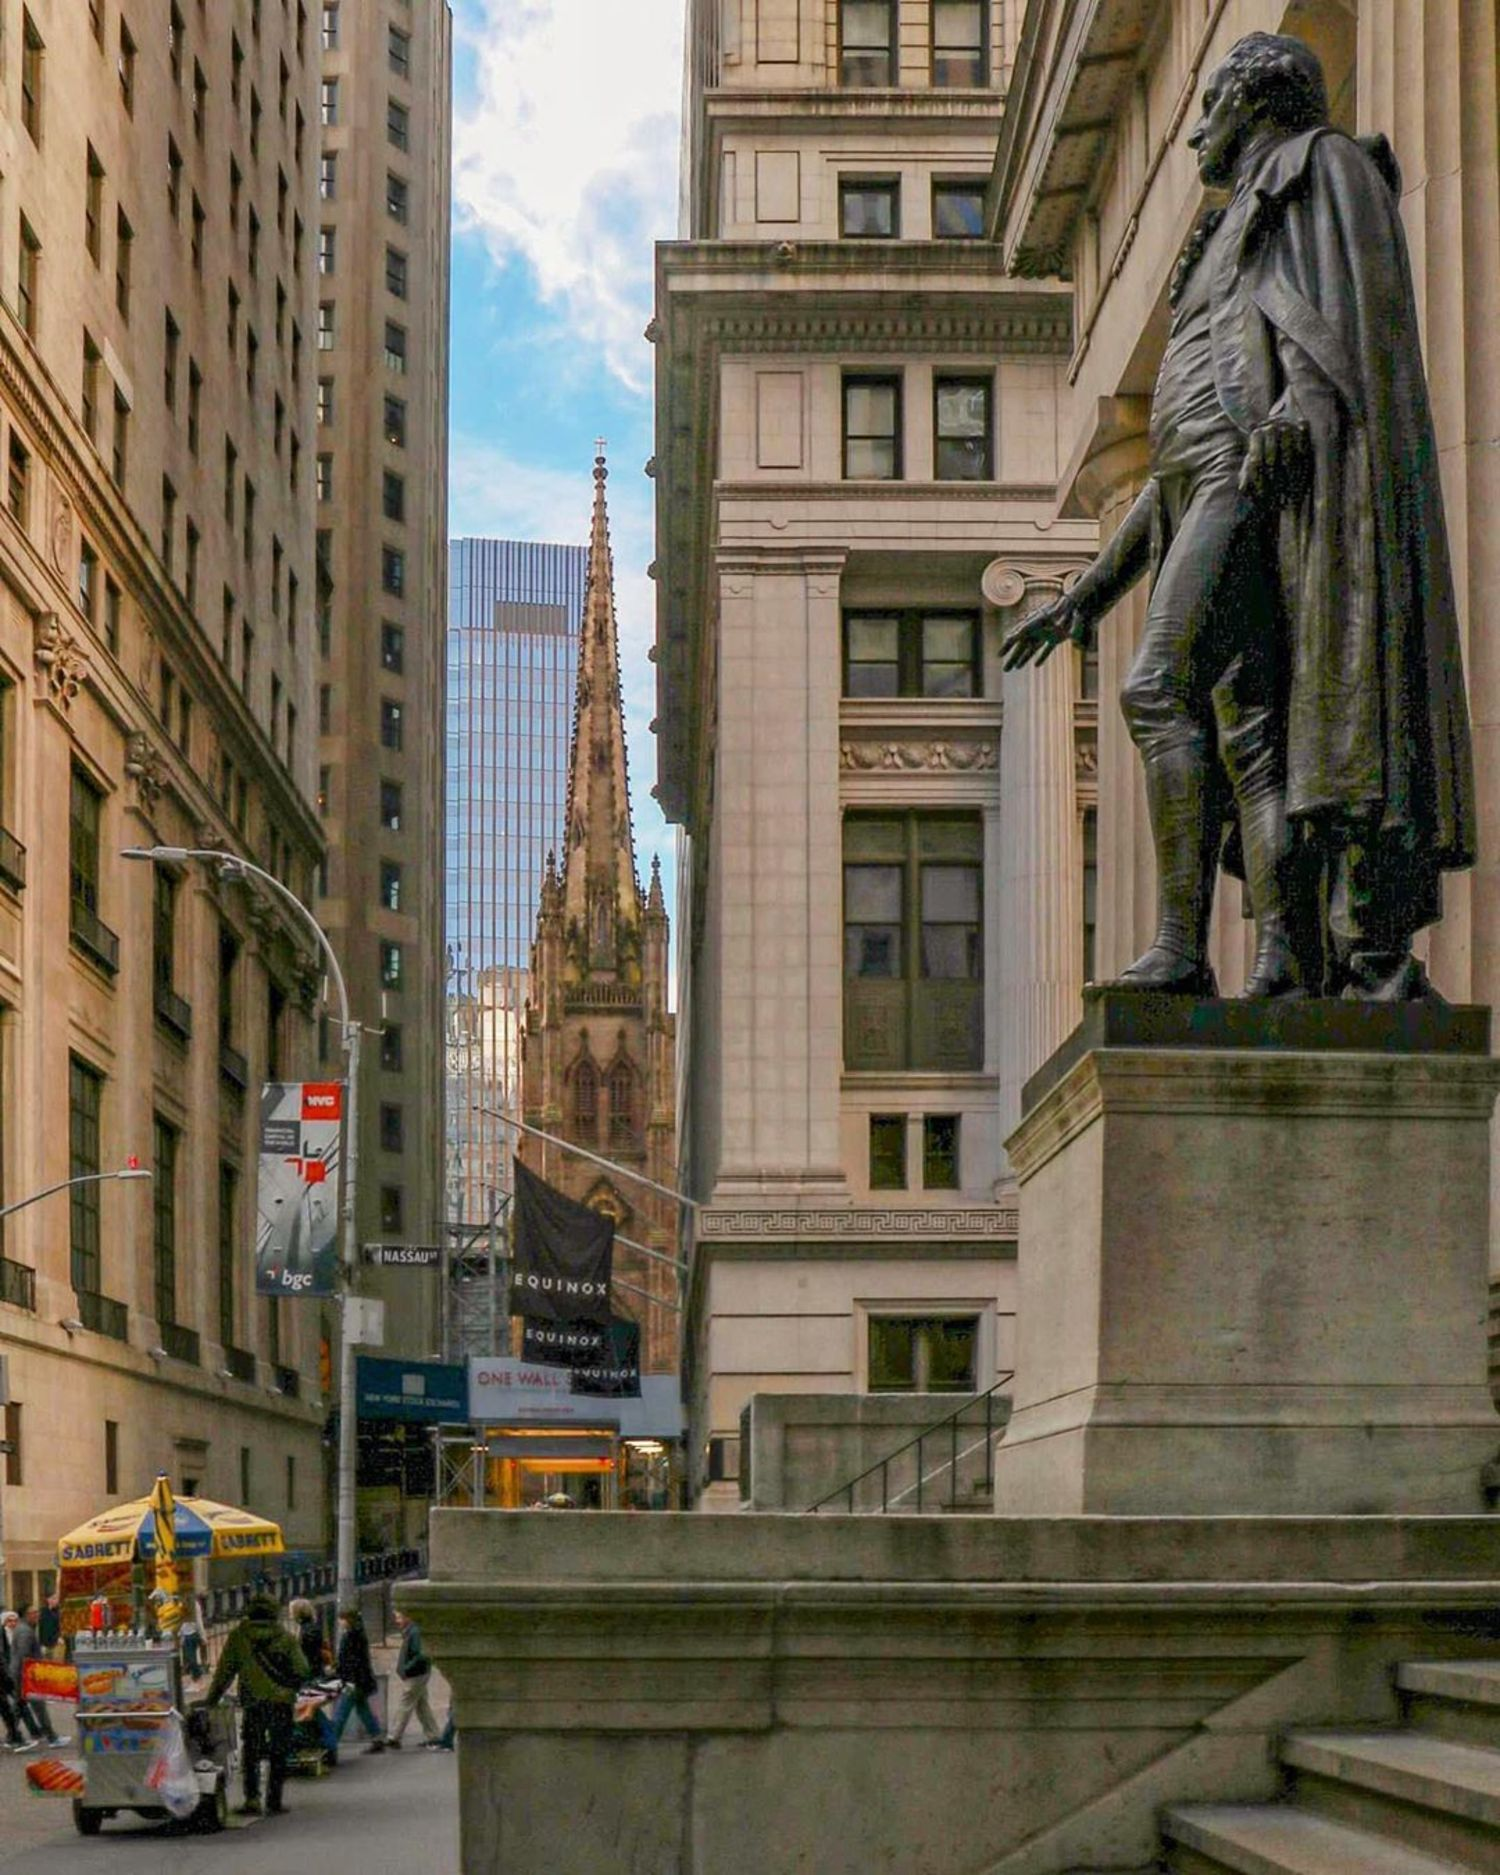 Wall Street, Financial District, Manhattan